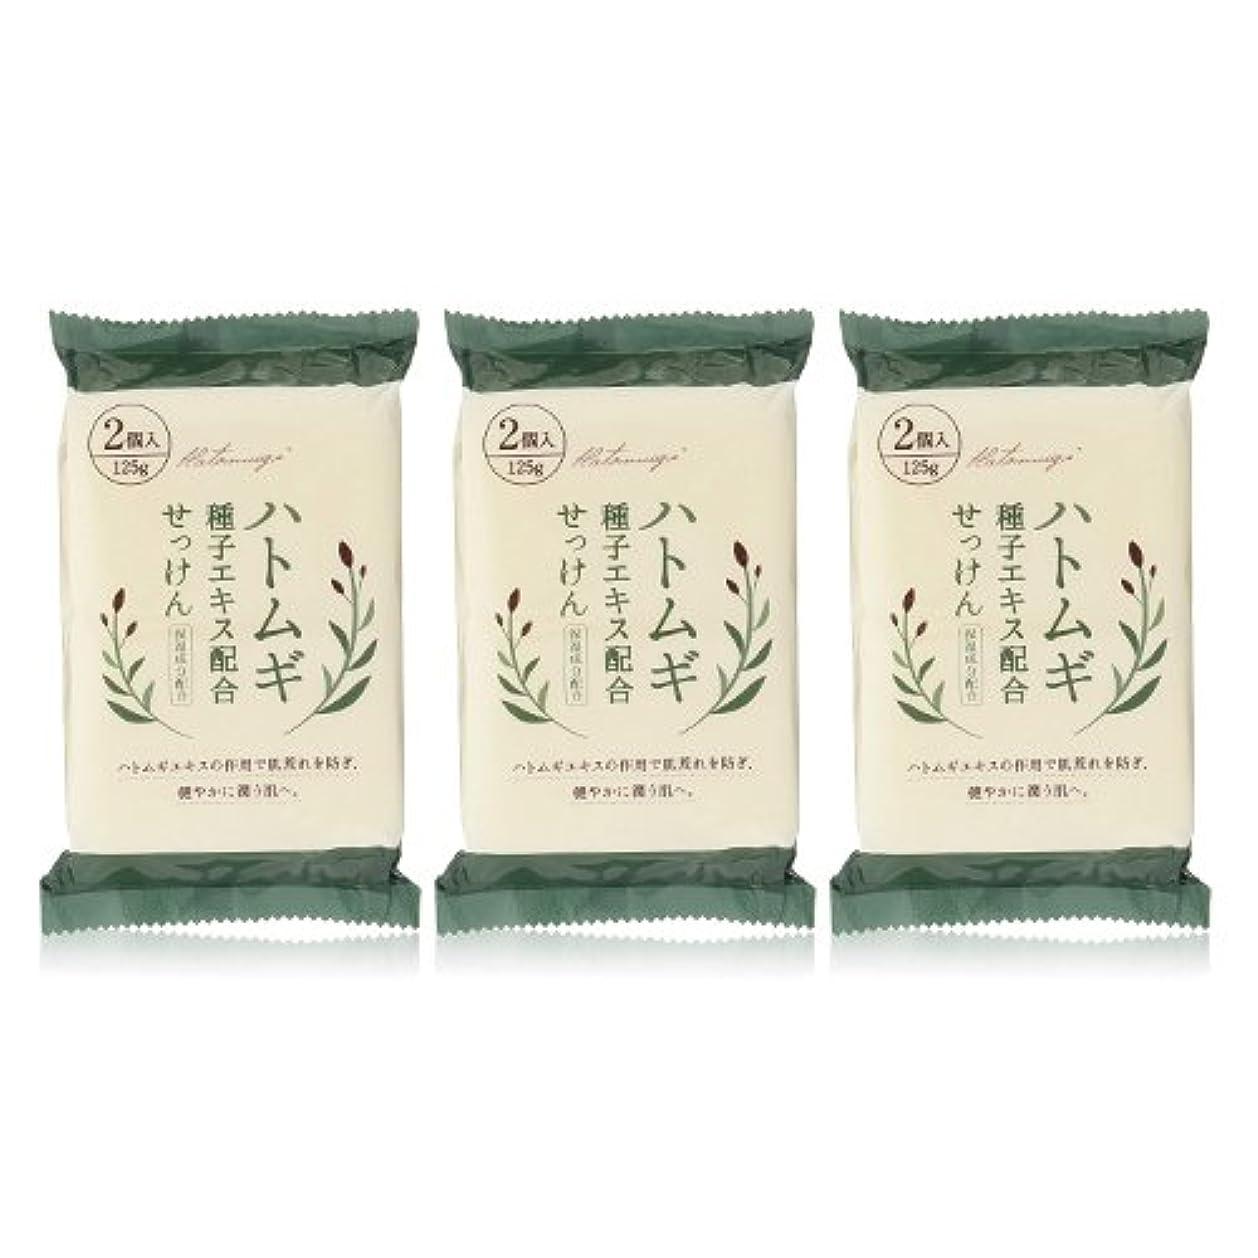 変色するキャンベラ組ハトムギ種子エキス配合石けん 125g(2コ入)×3個セット(計6個)